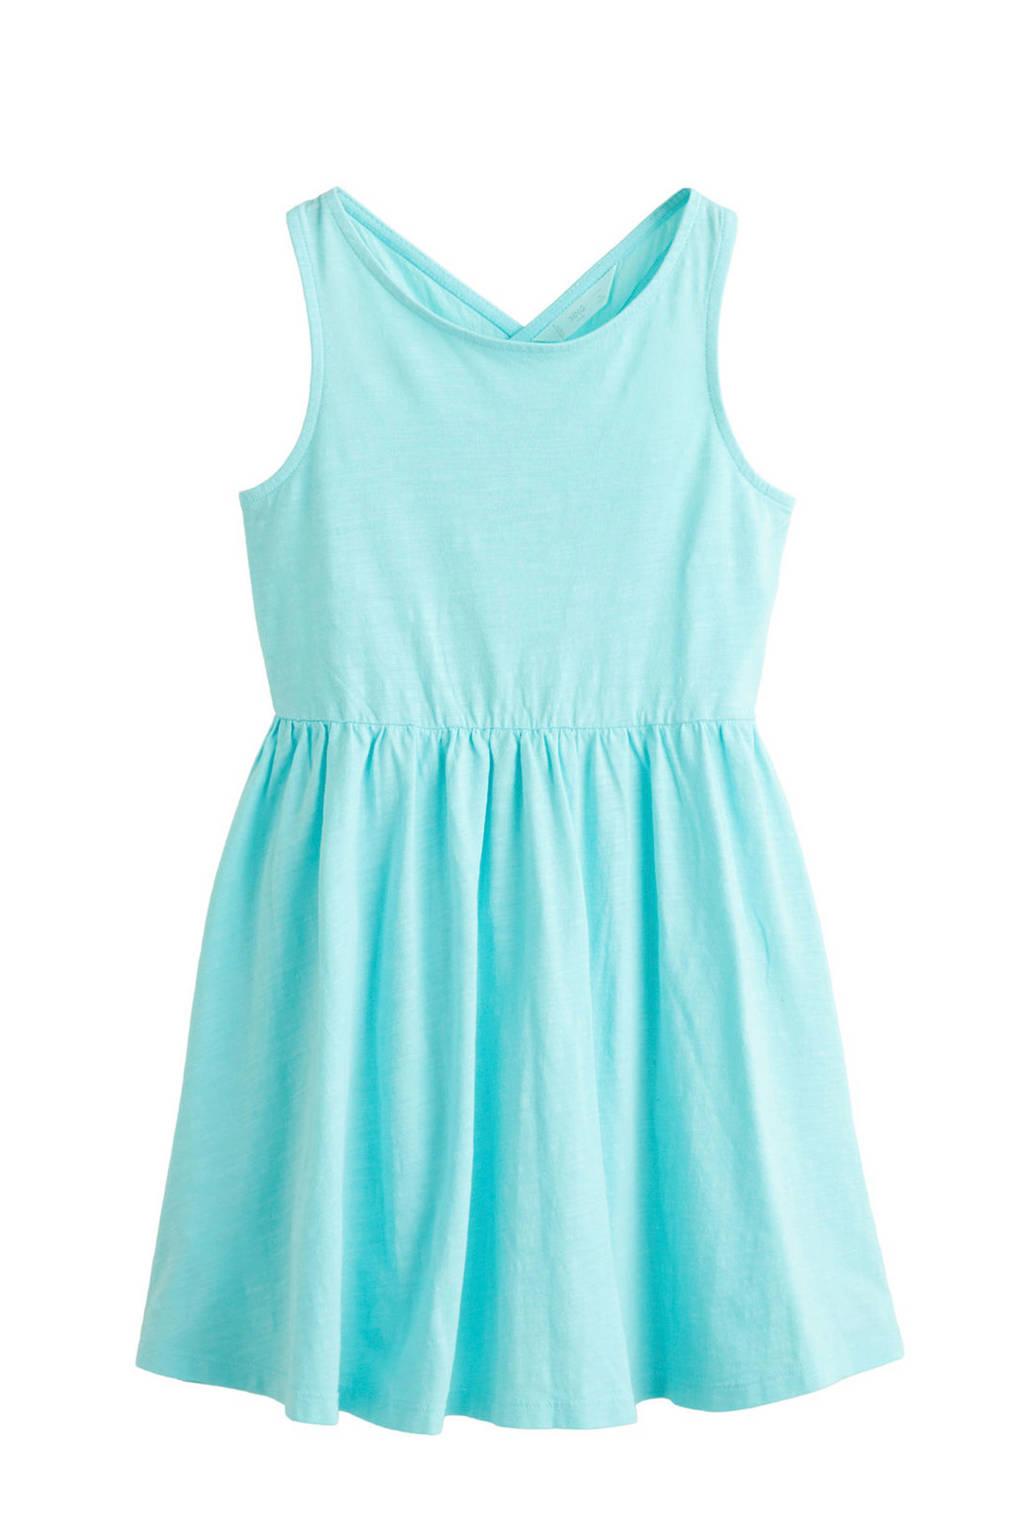 Mango Kids jurk turquoise, Lichtblauw